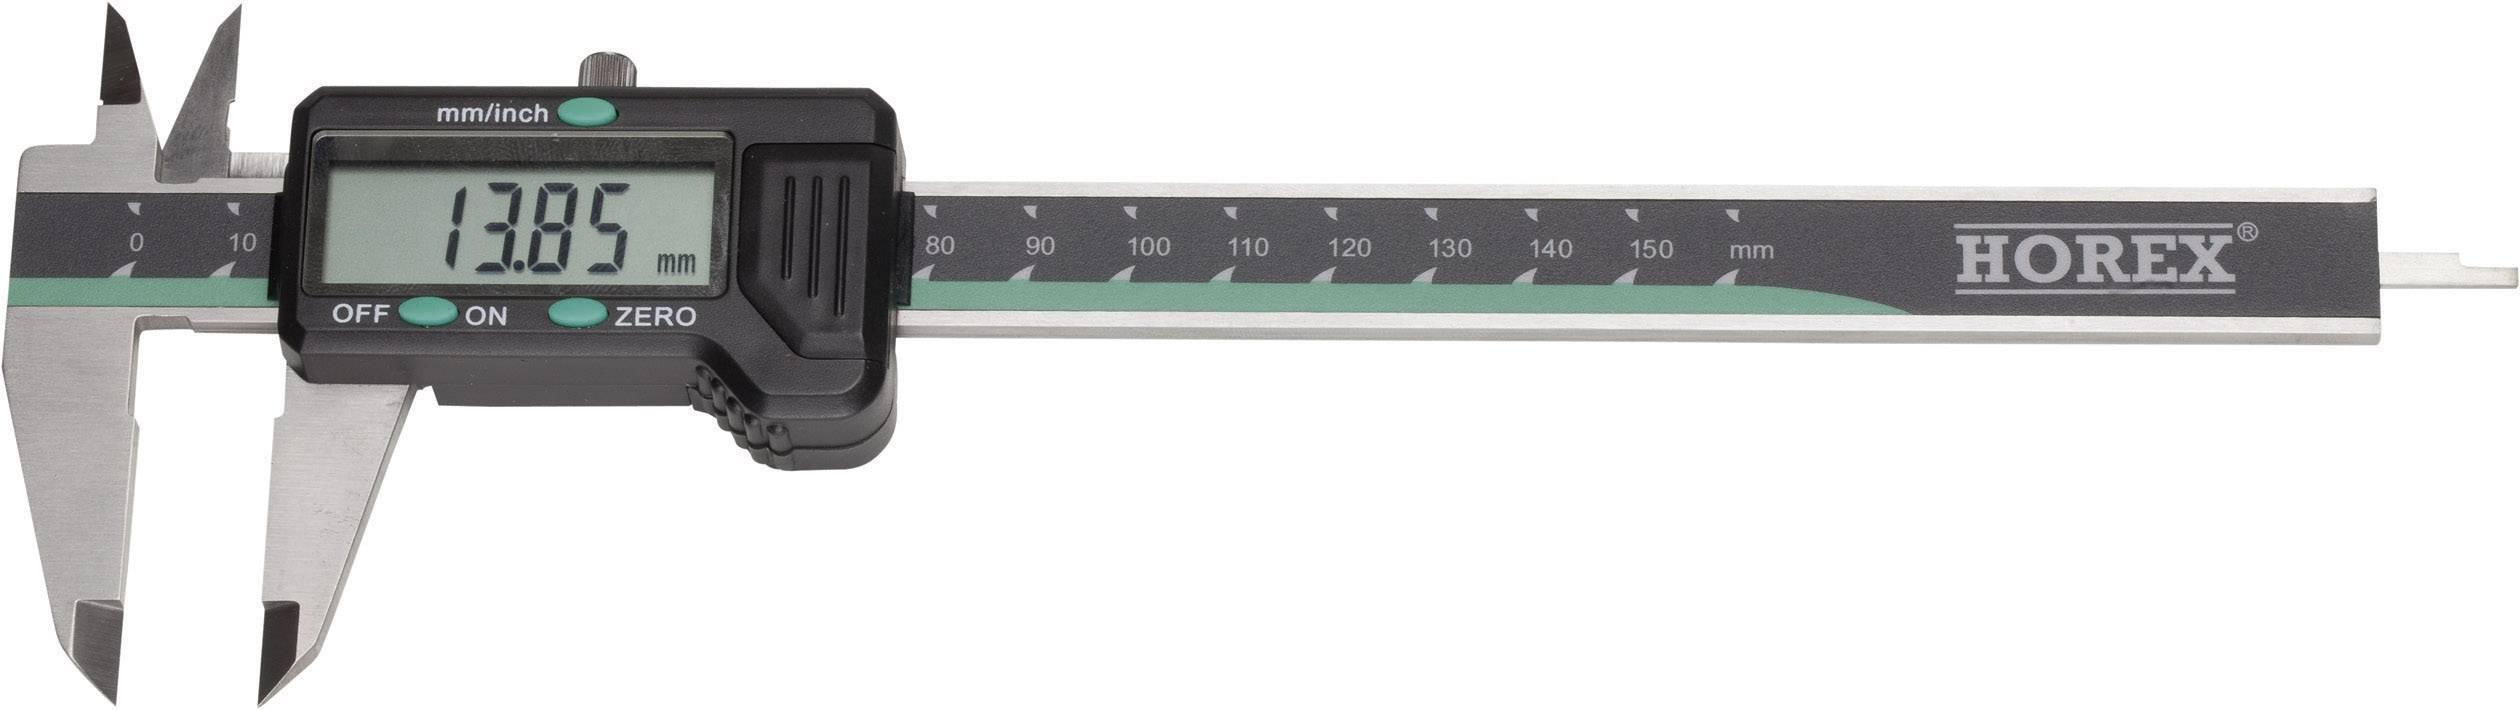 Digitálne posuvné meradlo Horex 2211222, rozsah merania 300 mm